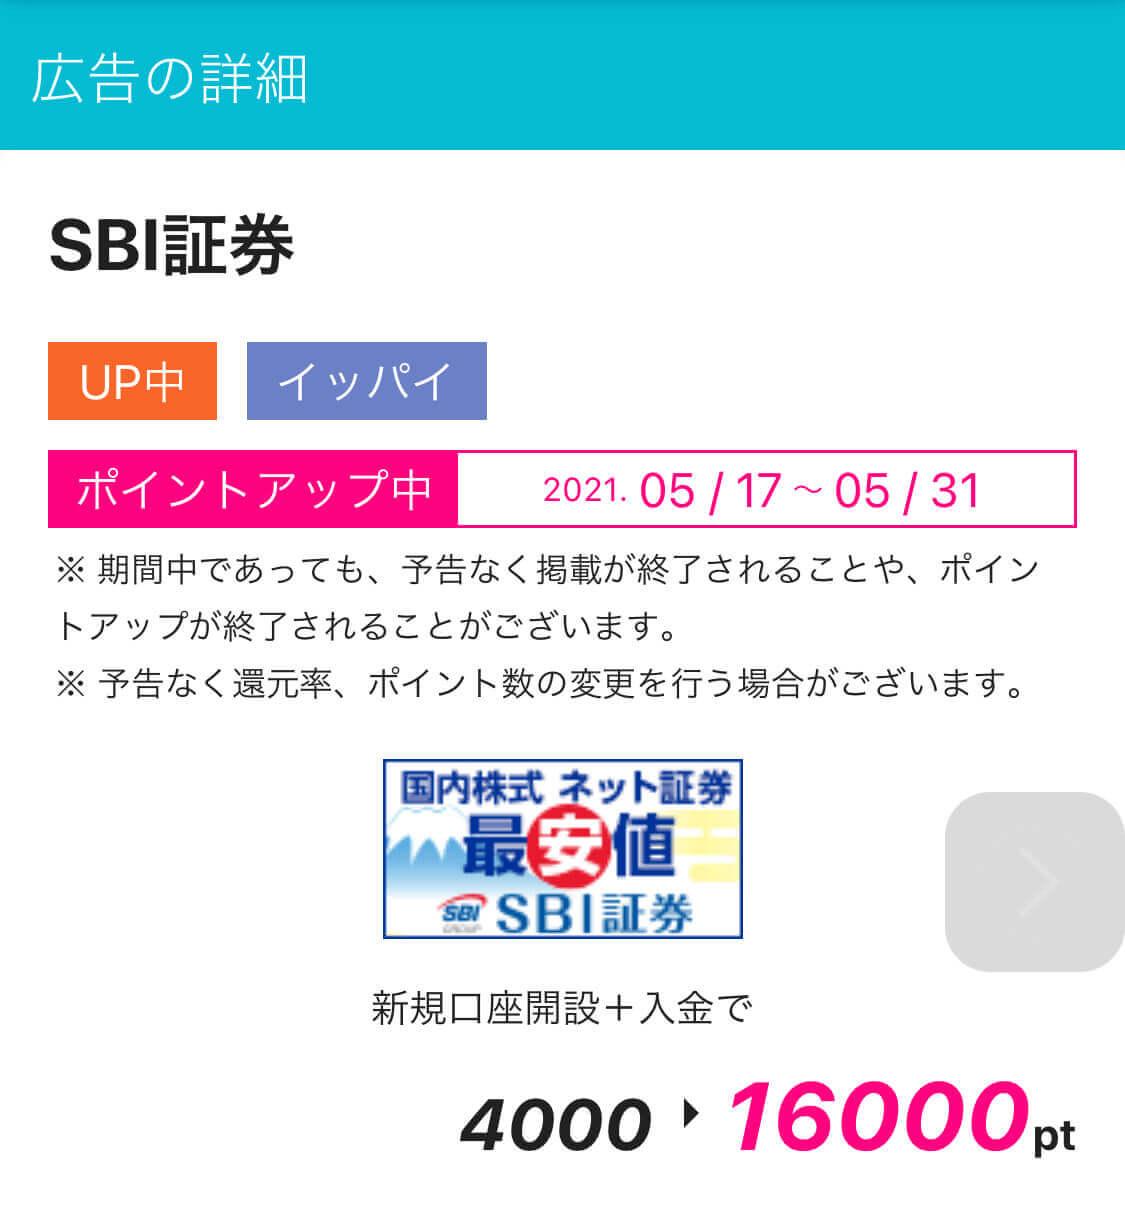 【ハピタスおすすめ案件】SBI証券